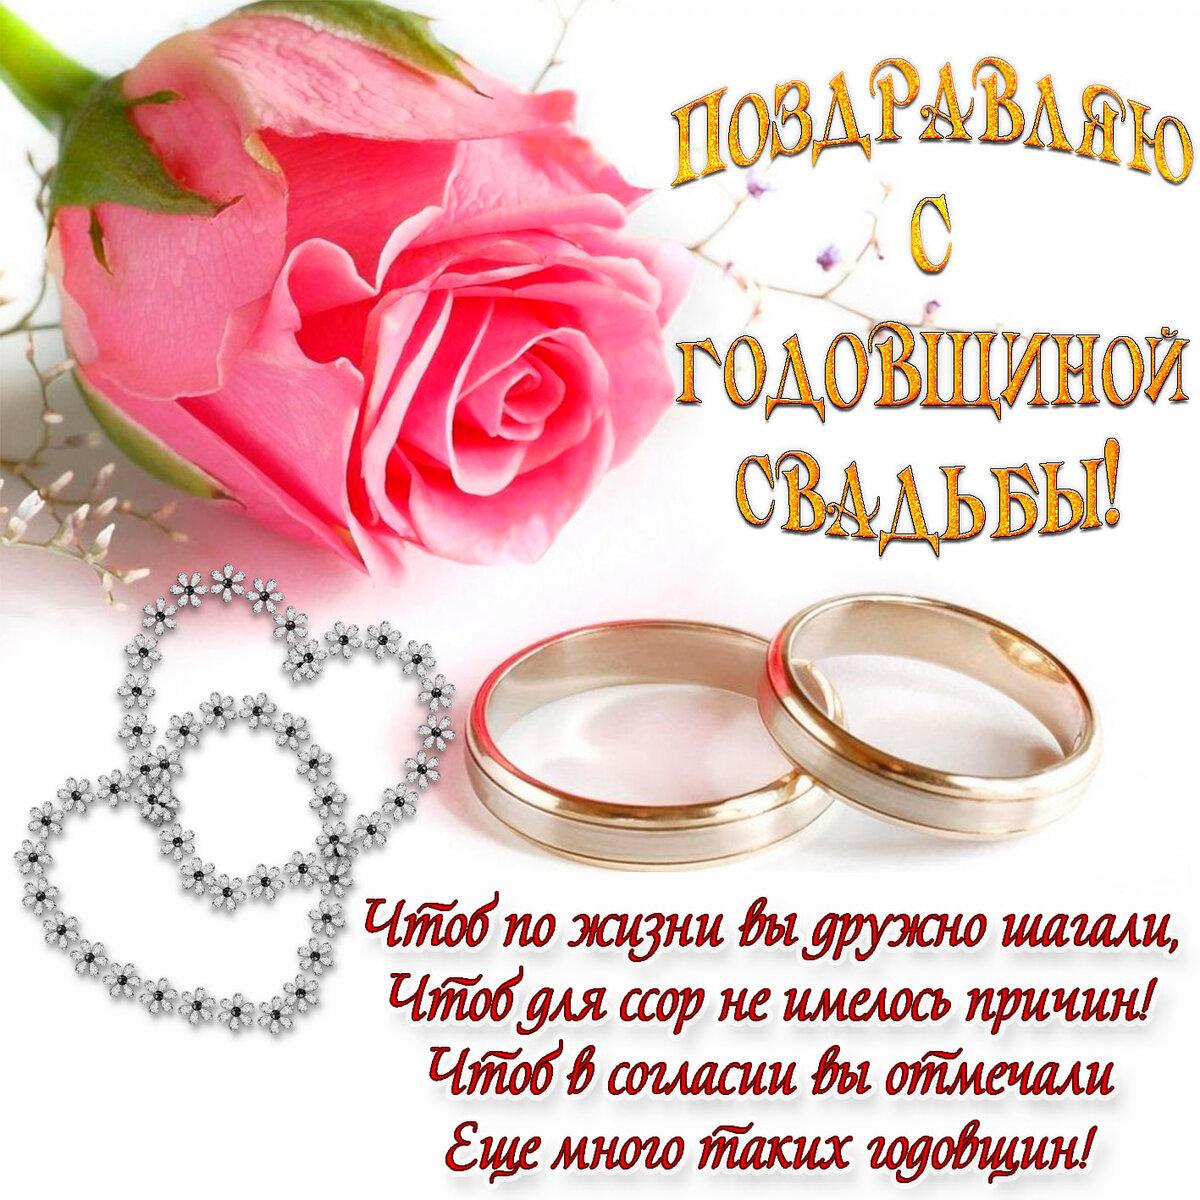 Поздравление ч совместной жизни